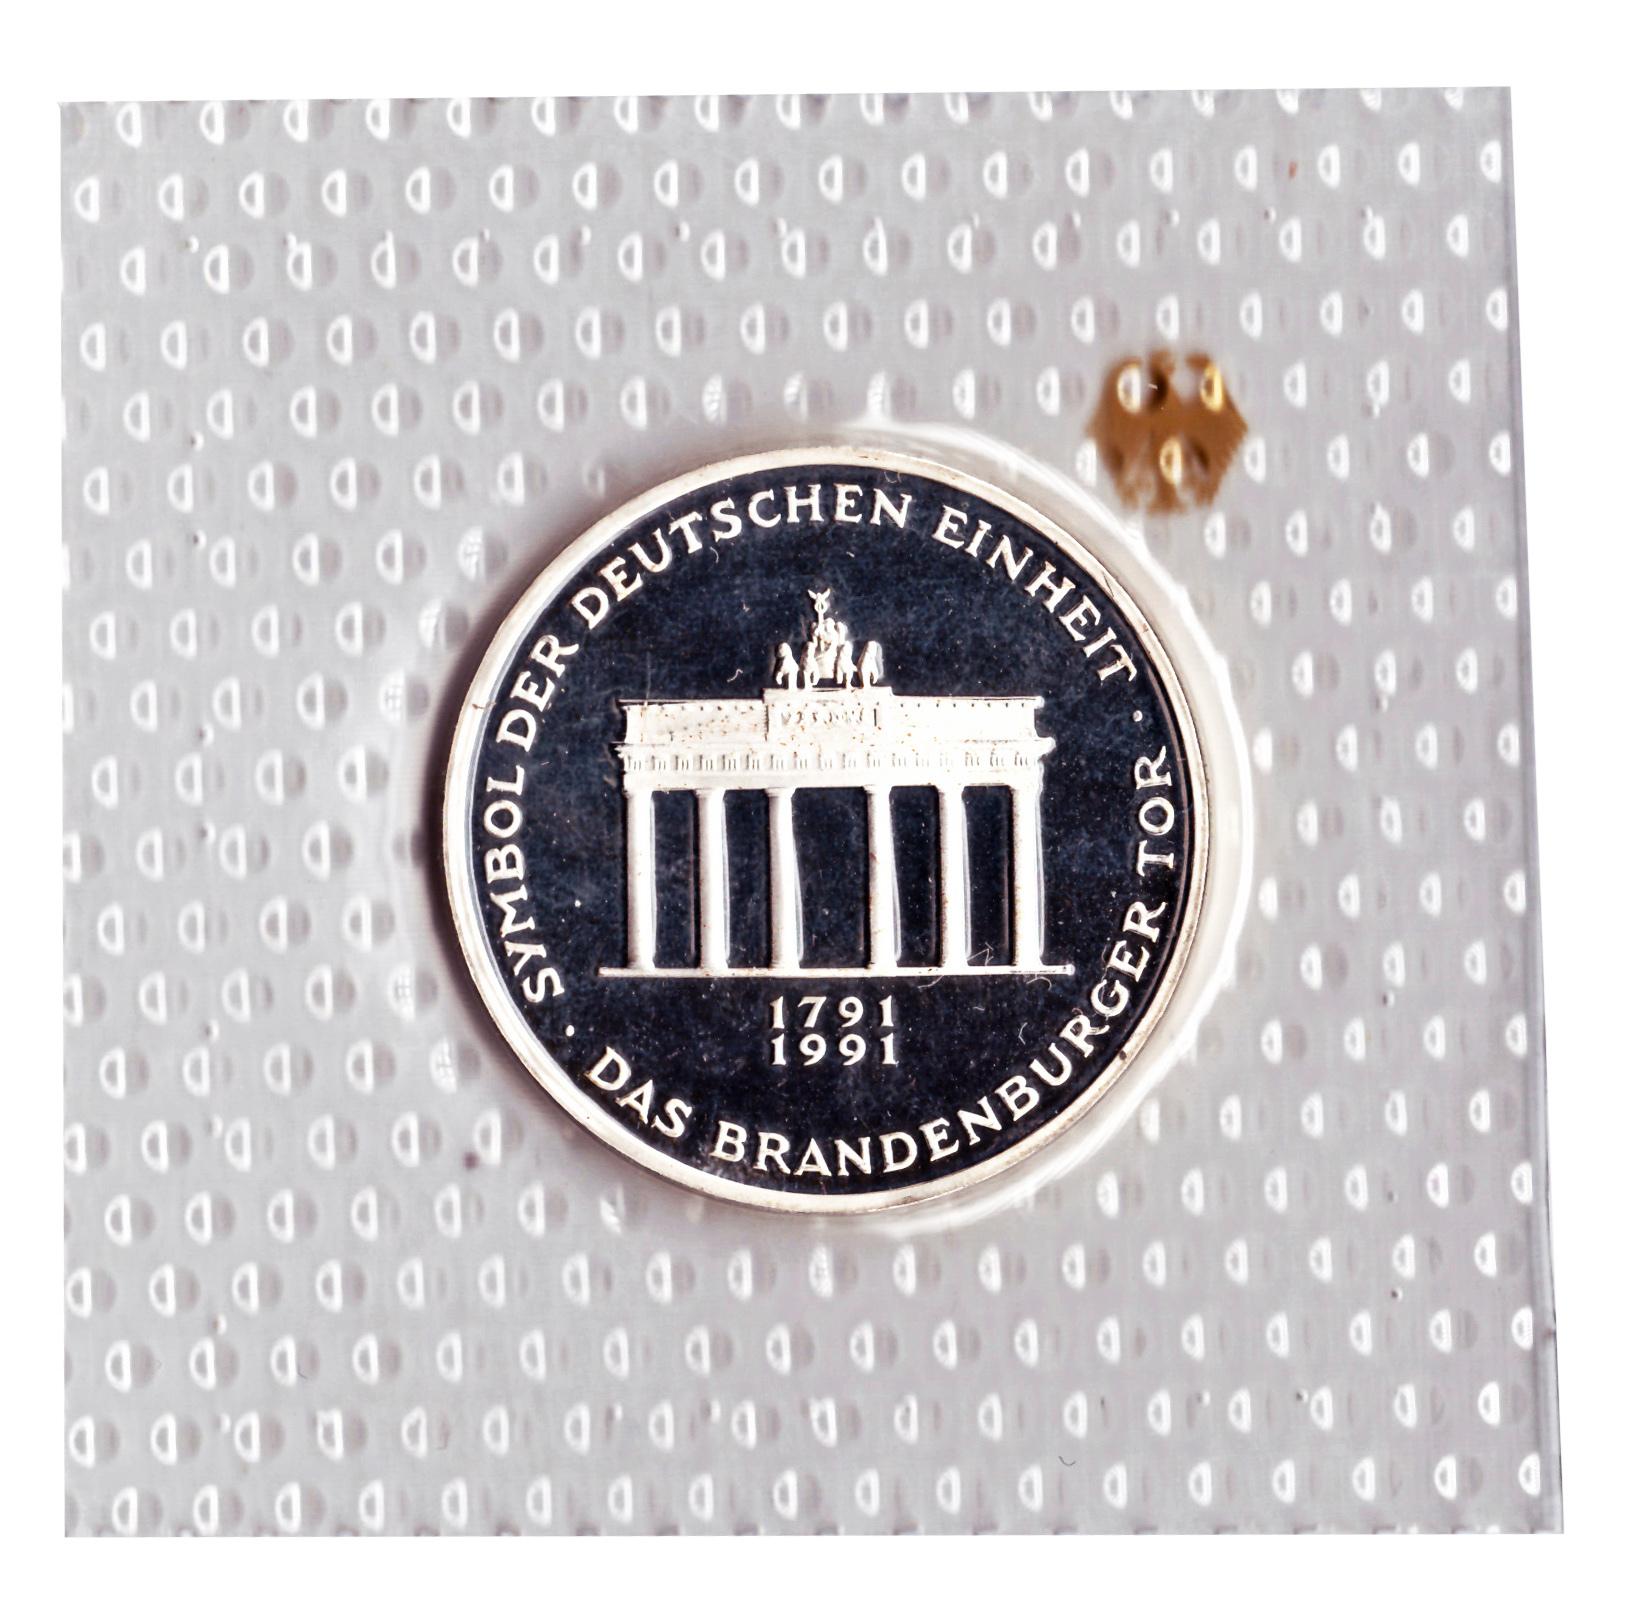 10 марок 1991 год (А) 200 лет городу Бранденбургским Воротам, Германия. PROOF в родной запайке